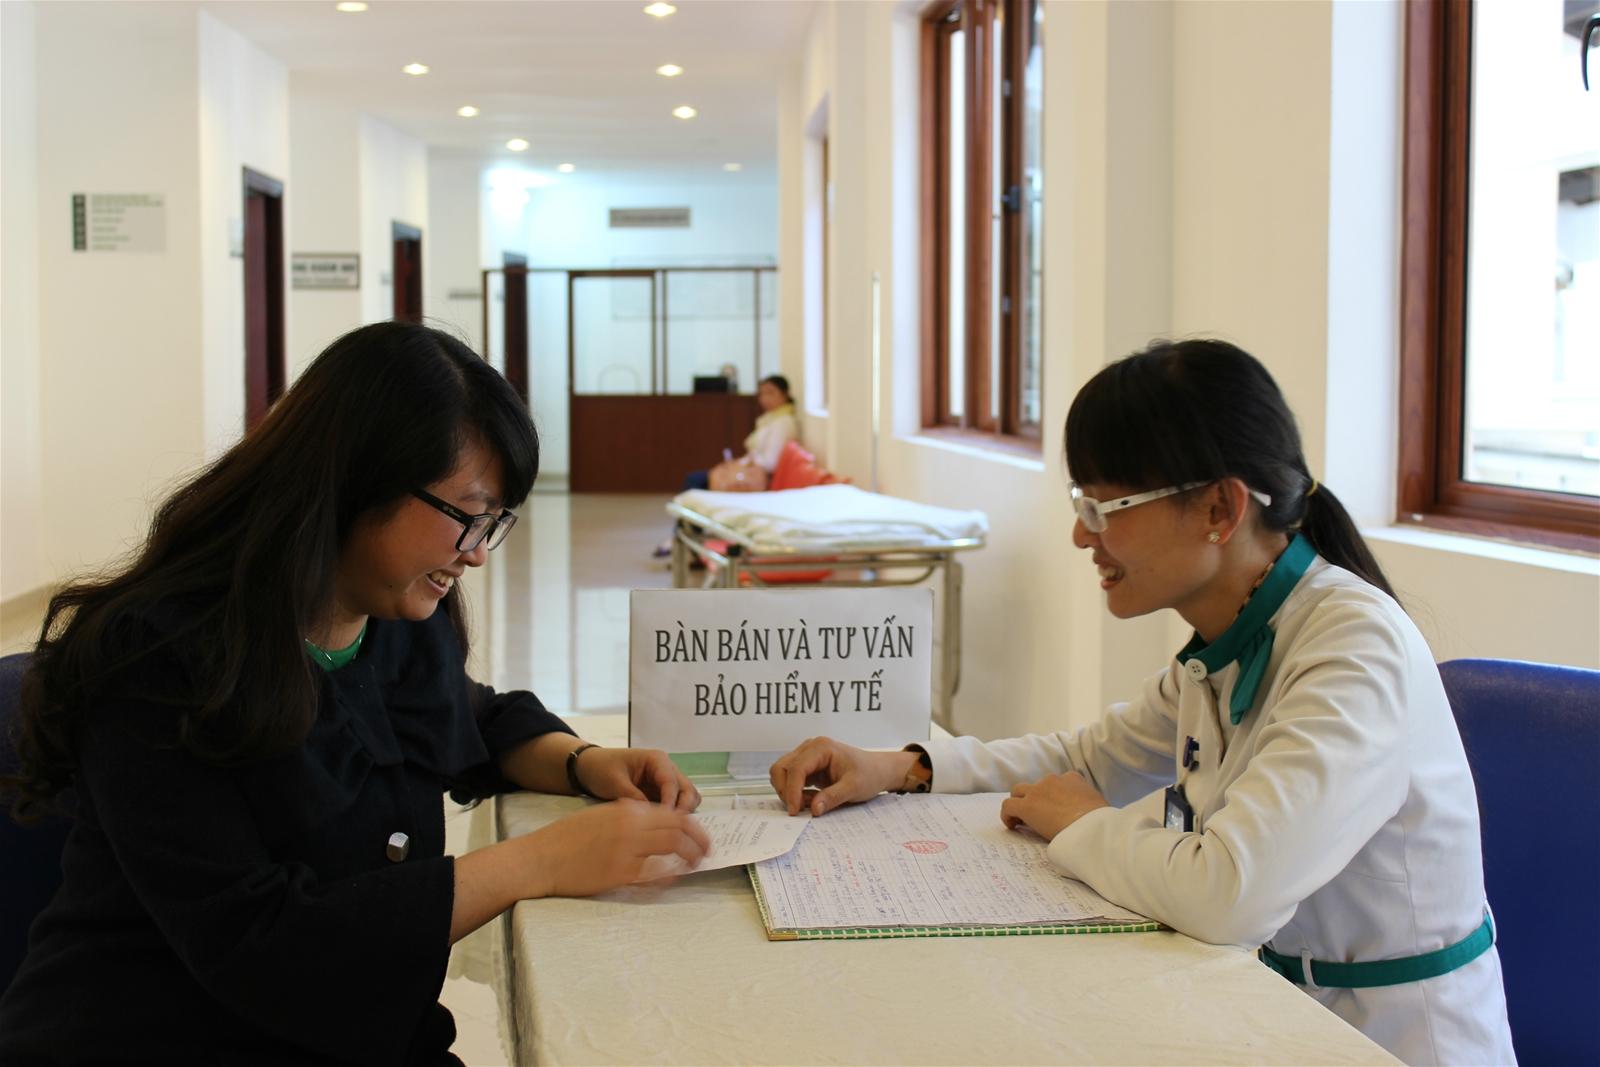 Hướng dẫn cách mua bảo hiểm y tế tự nguyện